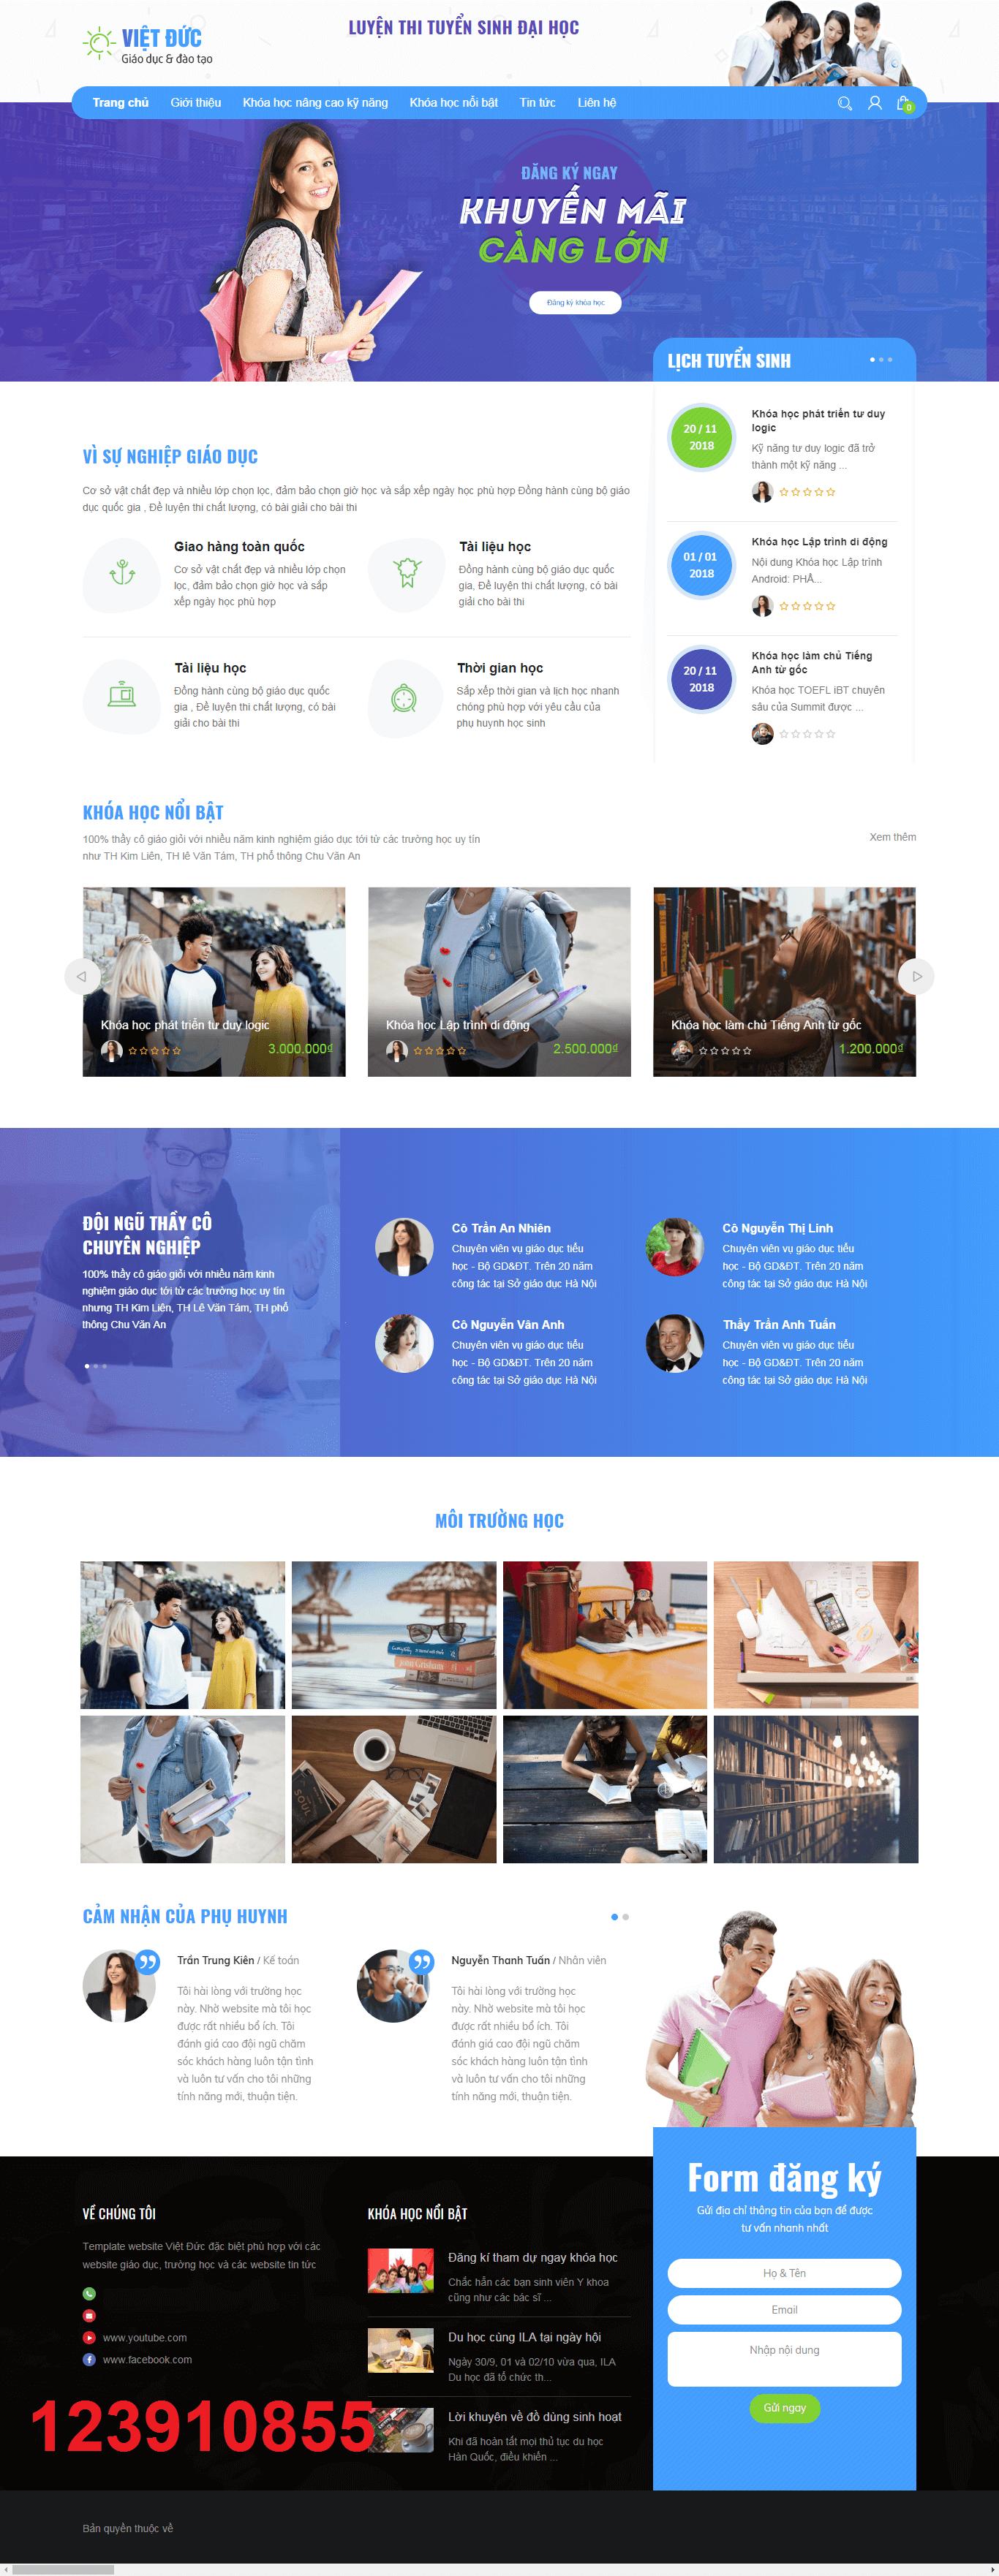 Mẫu web giáo dục Việt Đức 123910855